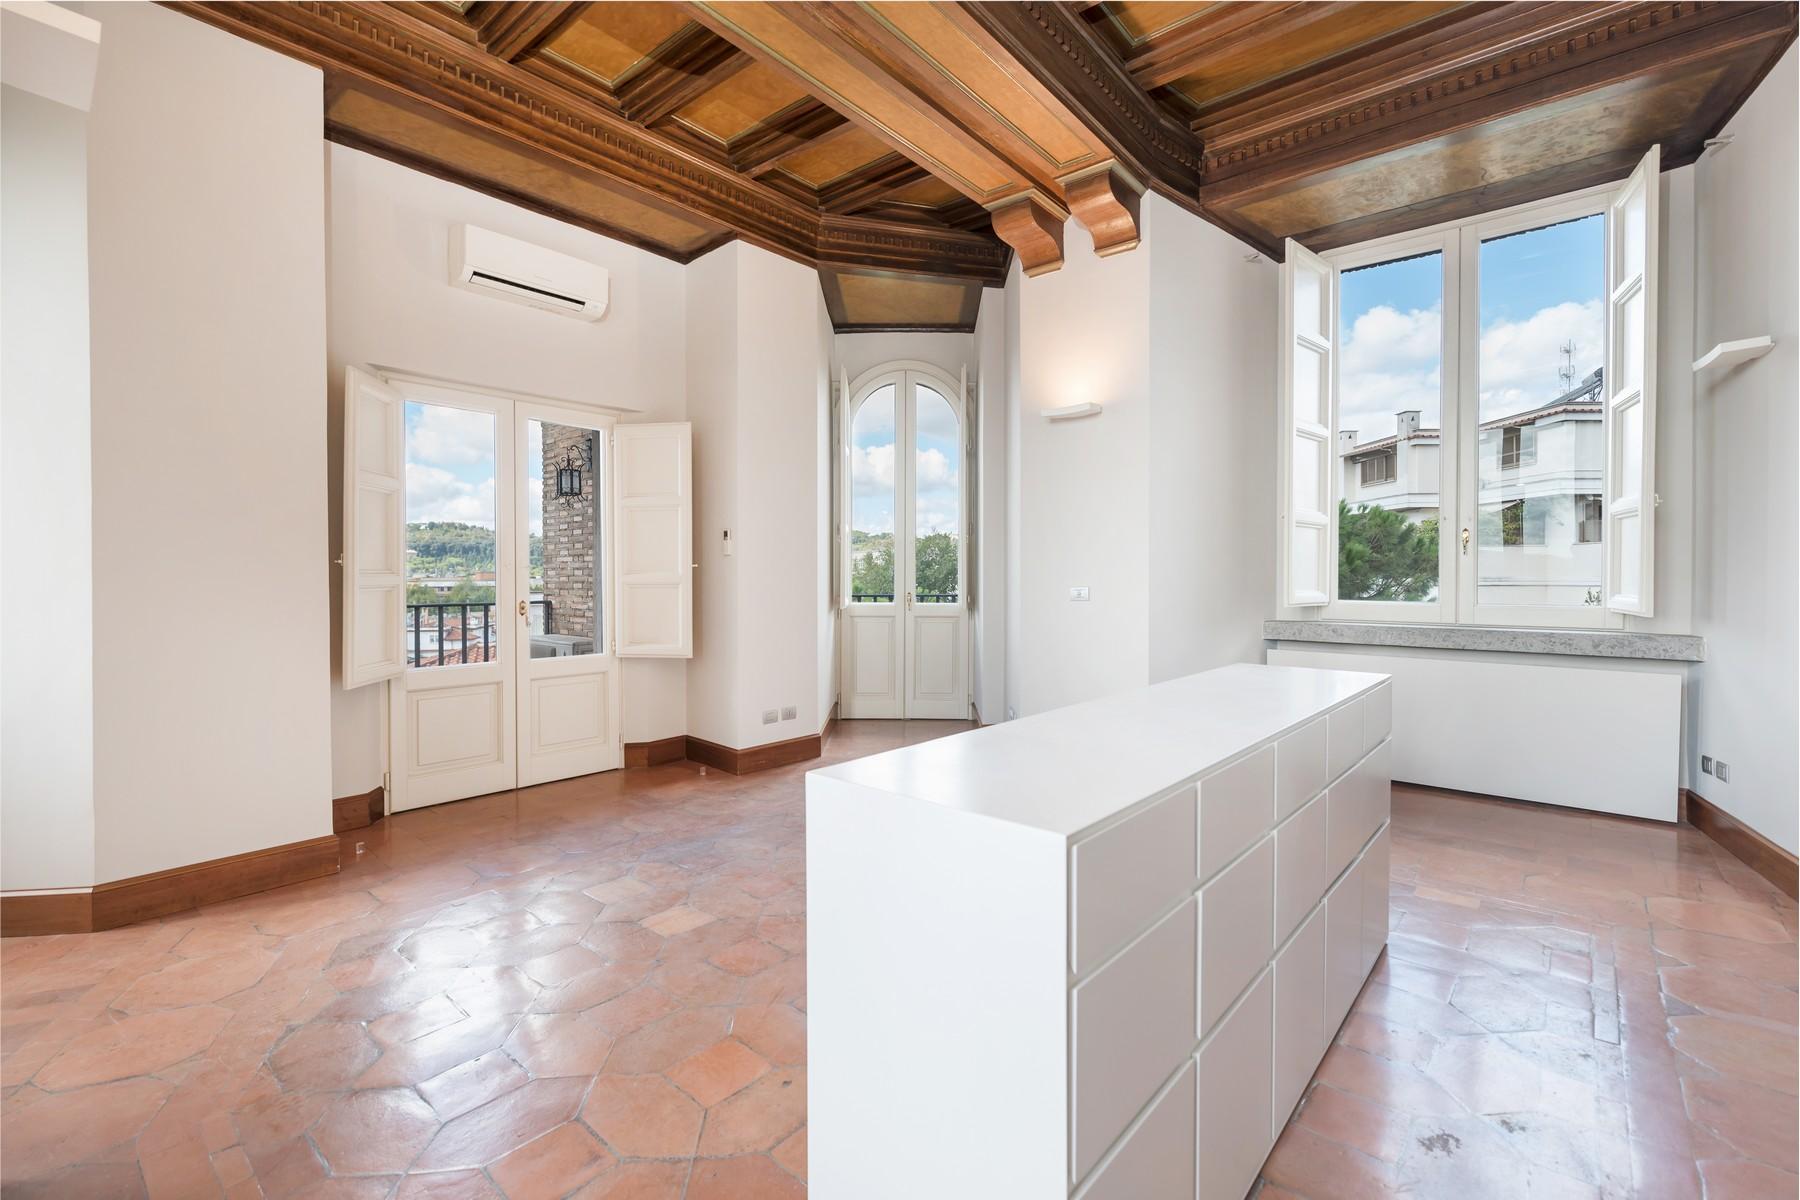 位于著名的Brasini别墅内的优雅的公寓 - 7